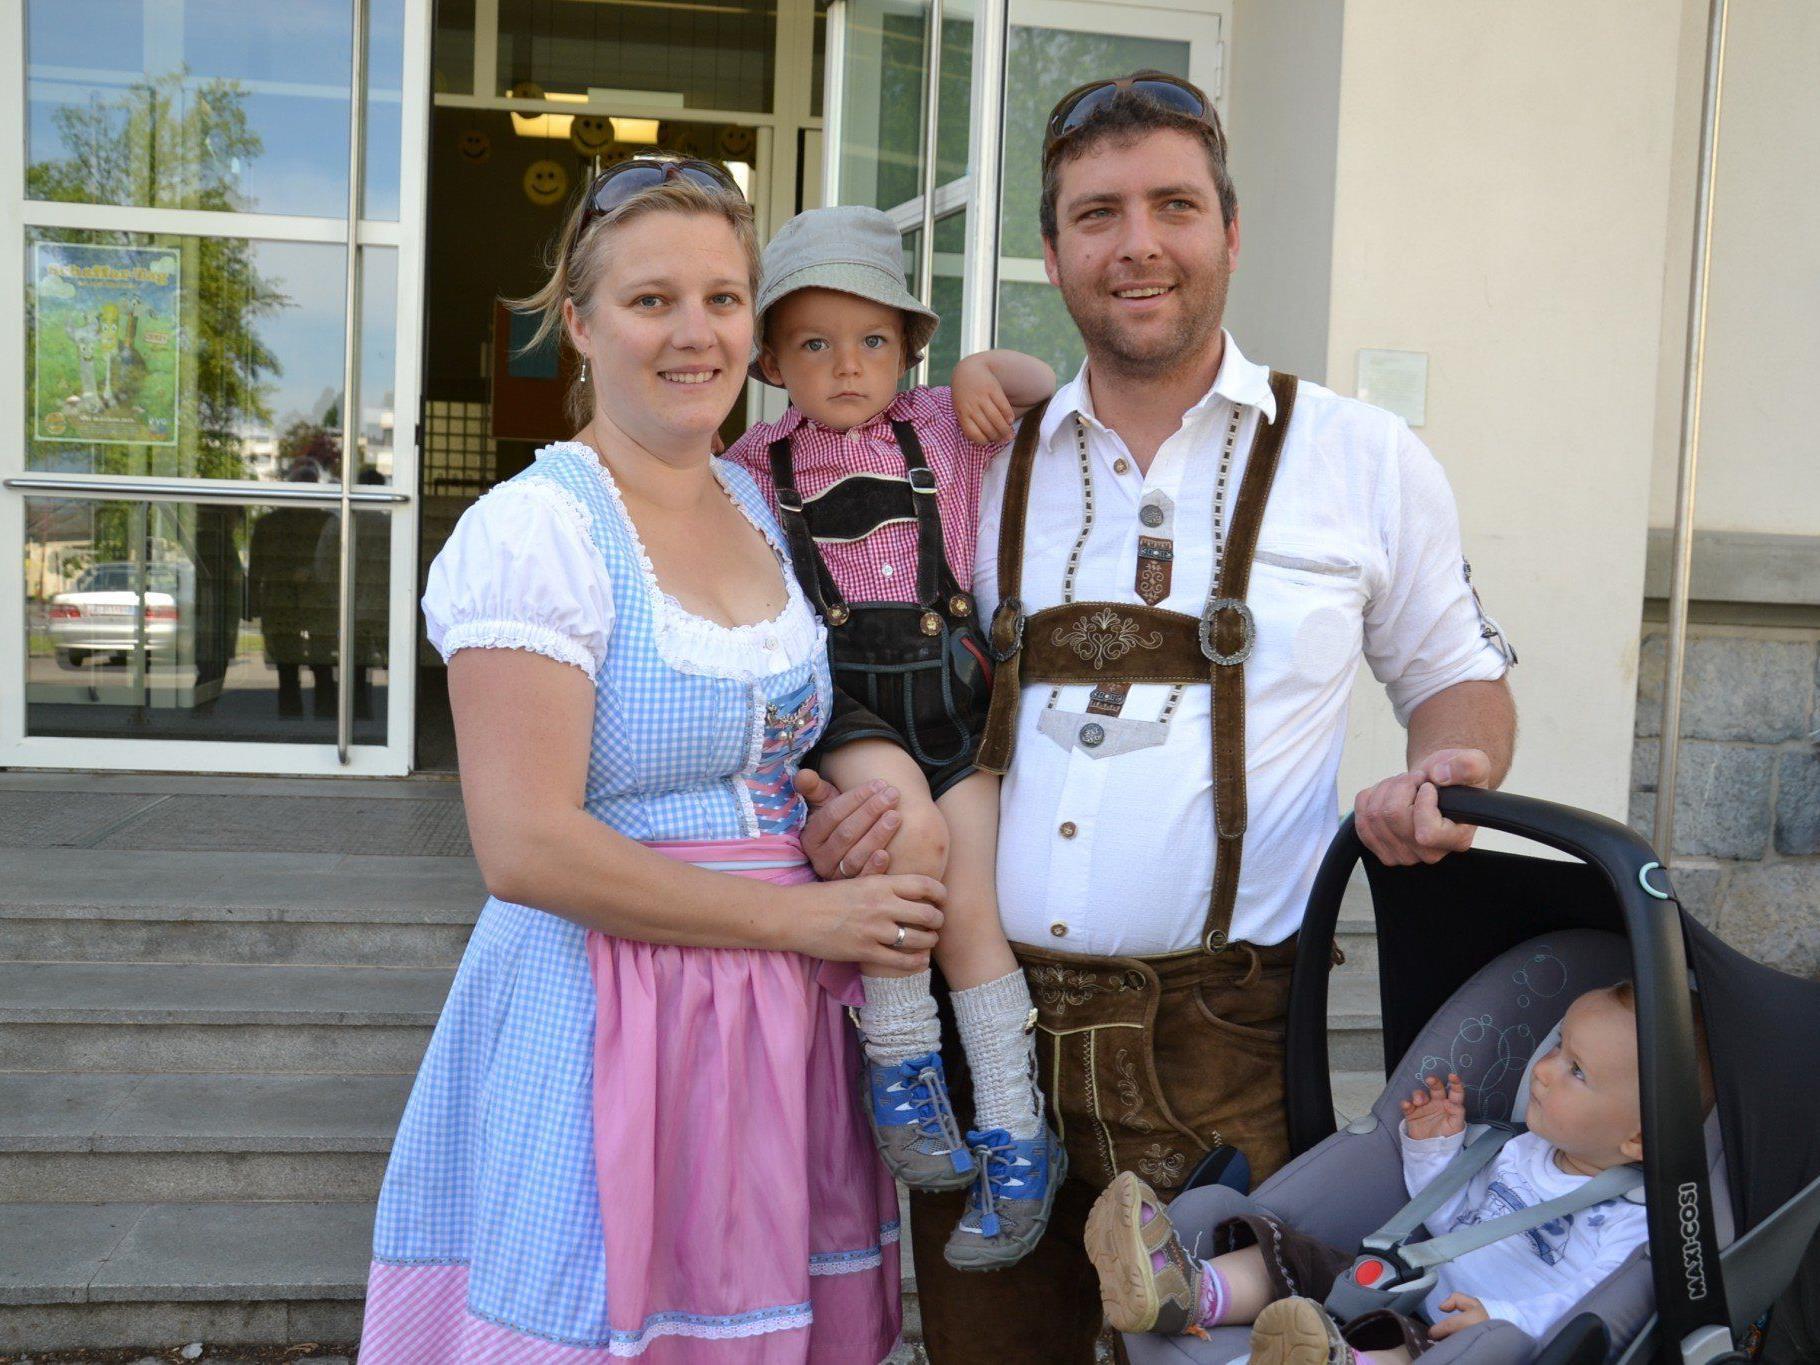 Christoph und Kerstin kamen mit den Kindern Moritz und Emelie zur EU Wahl